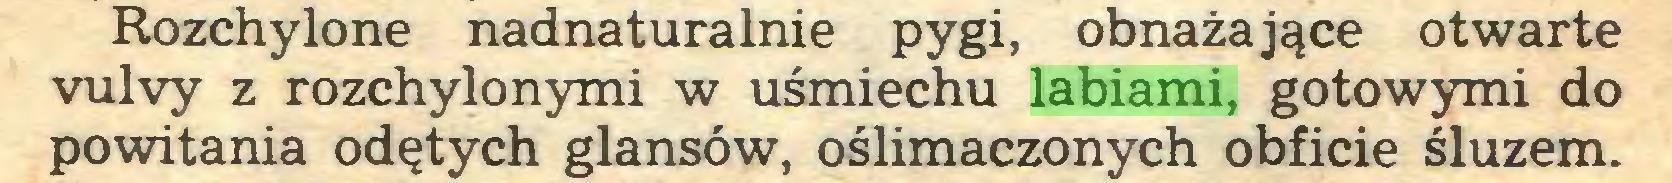 (...) Rozchylone nadnaturalnie pygi, obnażające otwarte vulvy z rozchylonymi w uśmiechu labiami, gotowymi do powitania odętych glansów, oślimaczonych obficie śluzem...